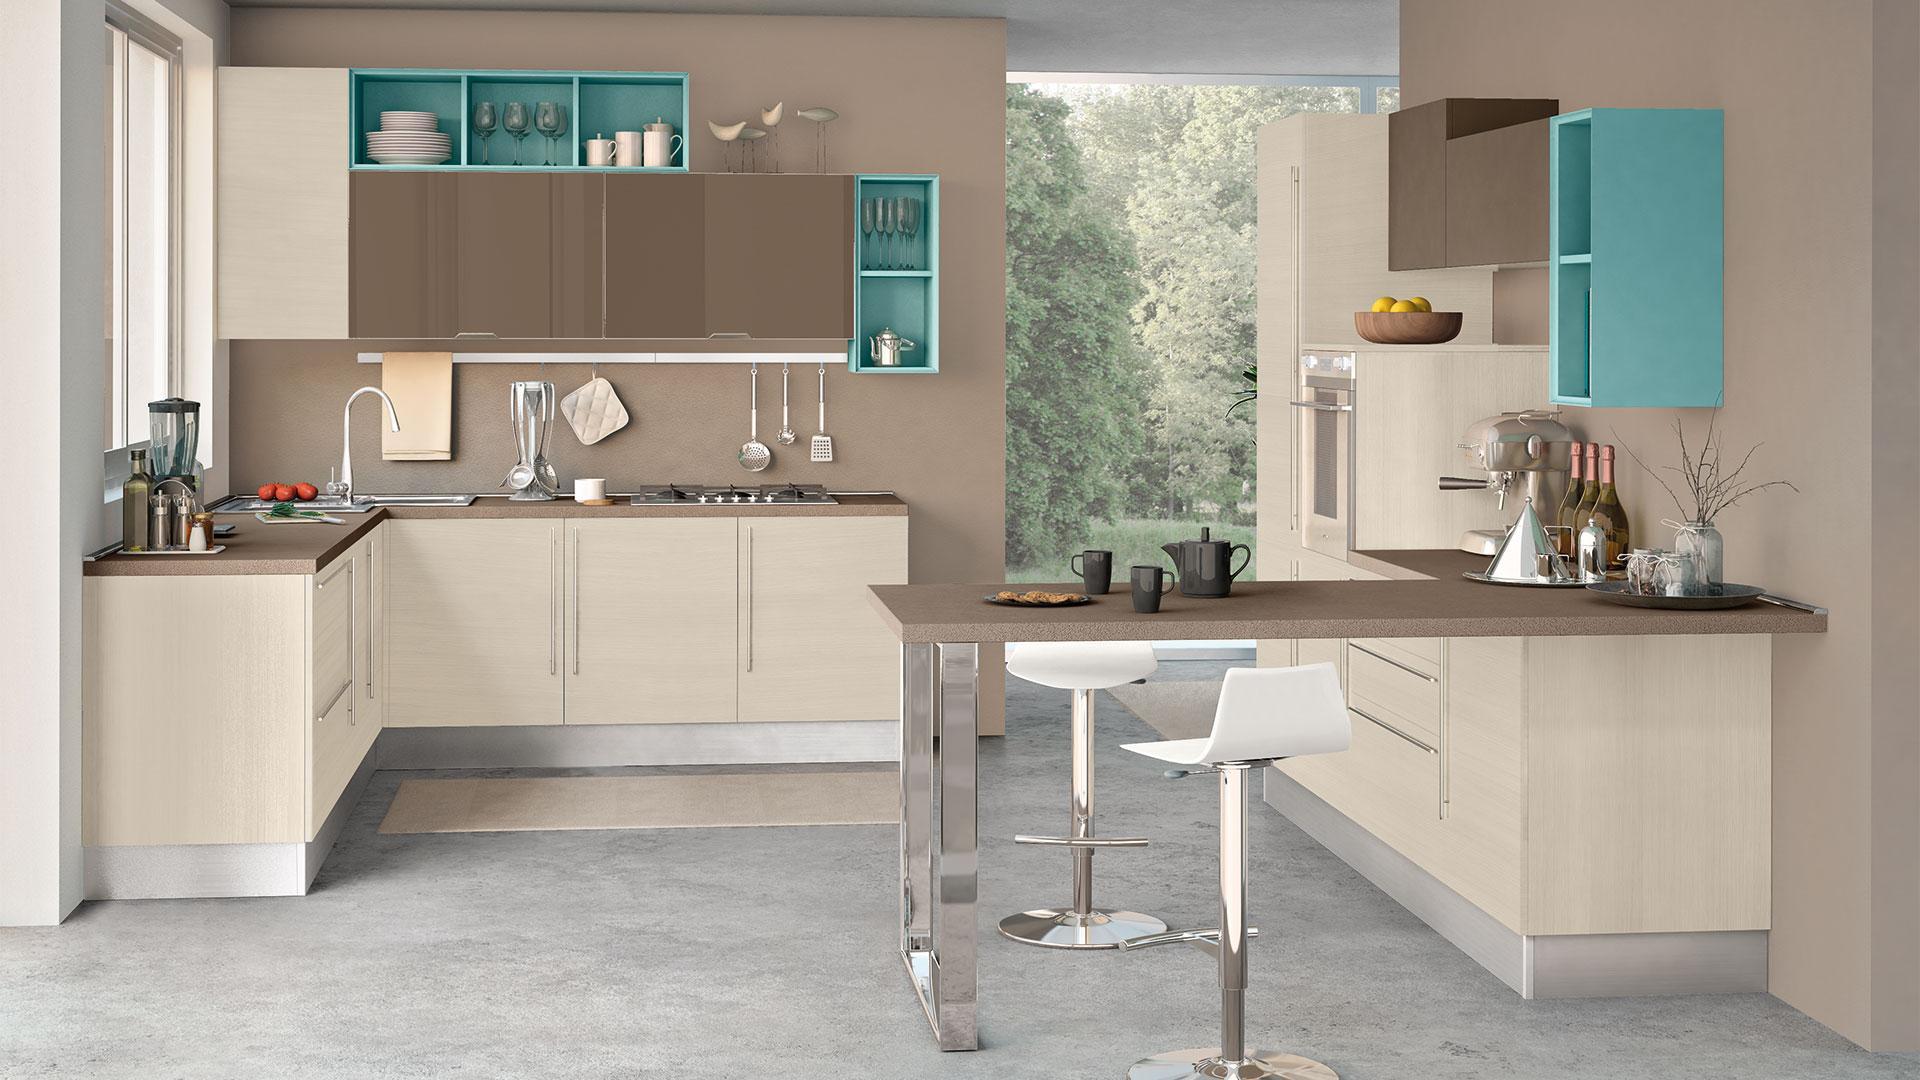 Come scegliere il colore delle pareti per la cucina: i ...